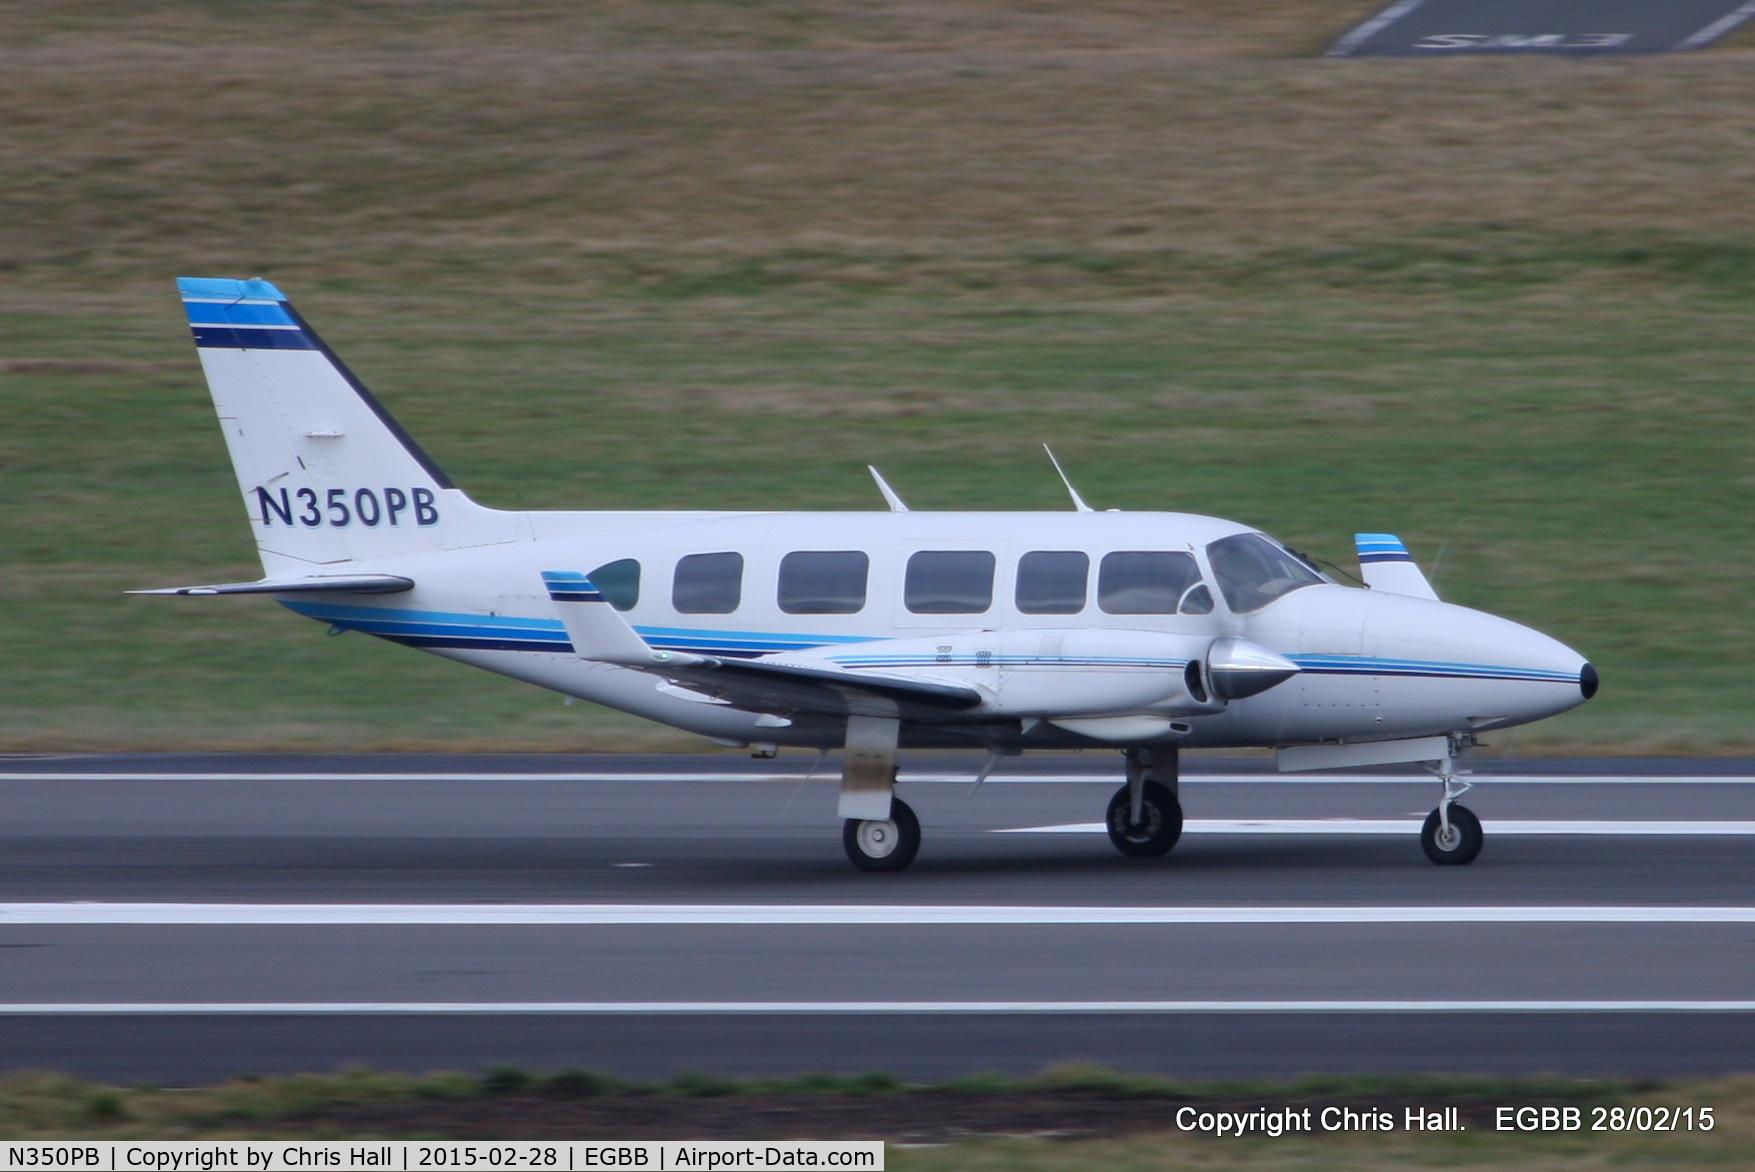 N350PB, 1982 Piper PA-31-350 Chieftain C/N 31-8252028, PFB Self Drive Inc